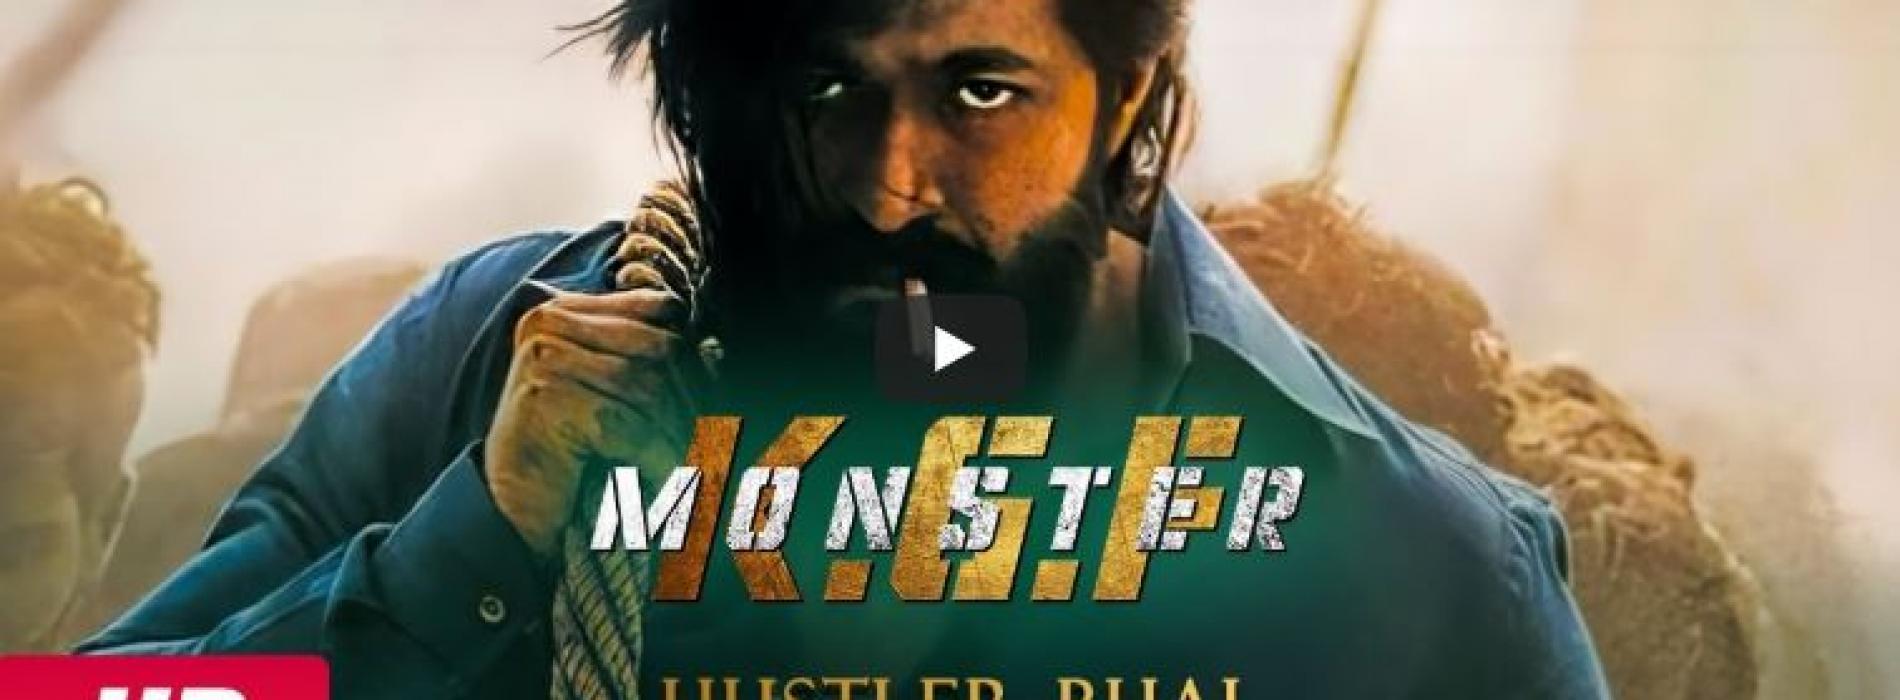 KGF – Monster | Hustler Bhai Ft. Hyde Karty (Official Music Video) | Moon | Slimkiller | كي.جي.اف